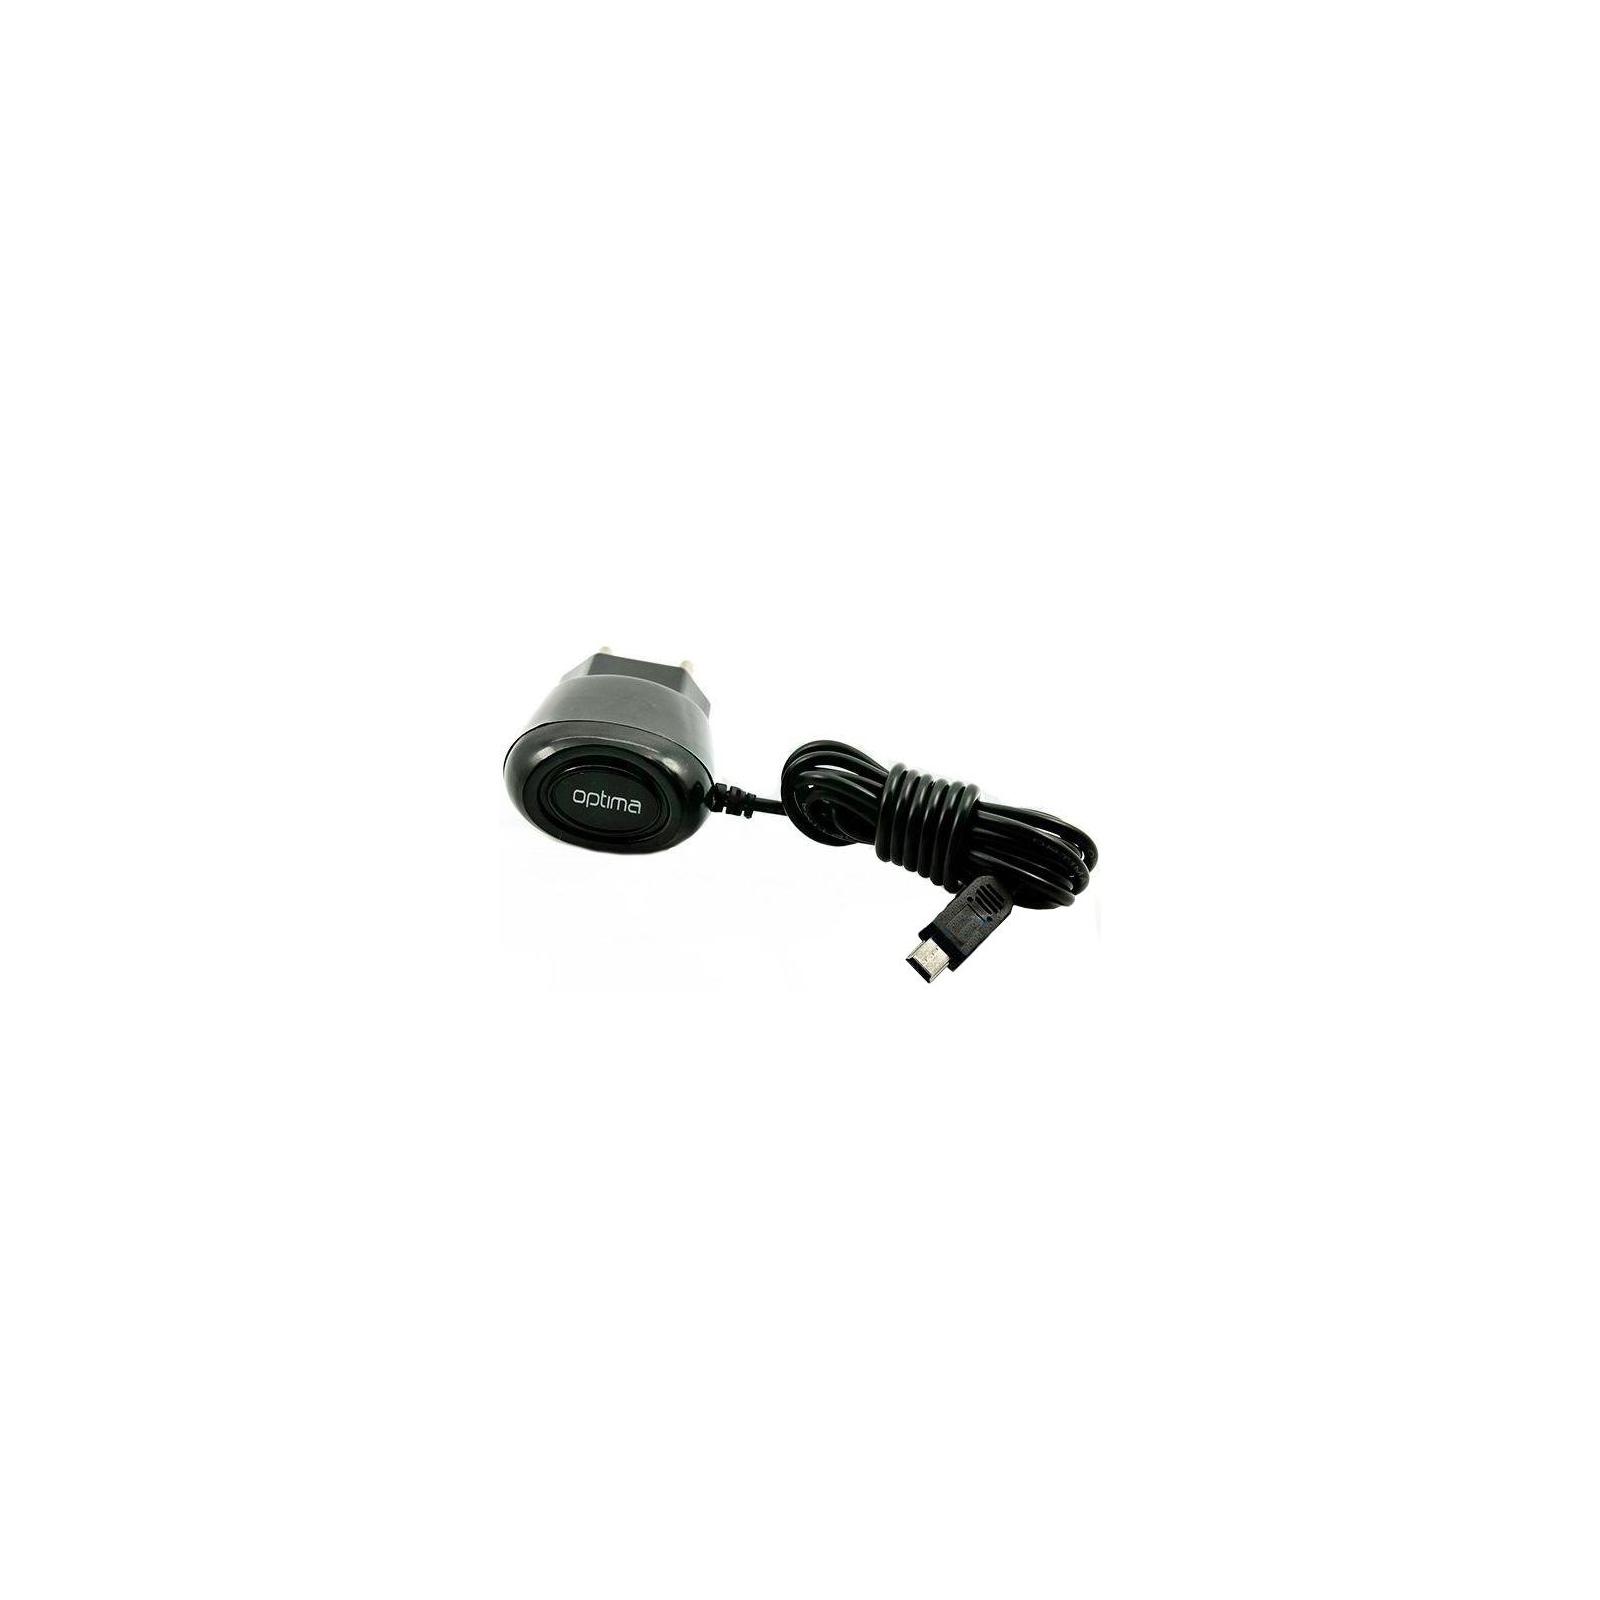 Зарядное устройство Optima Optima V3 (Mini USB) 500mAh (41029)